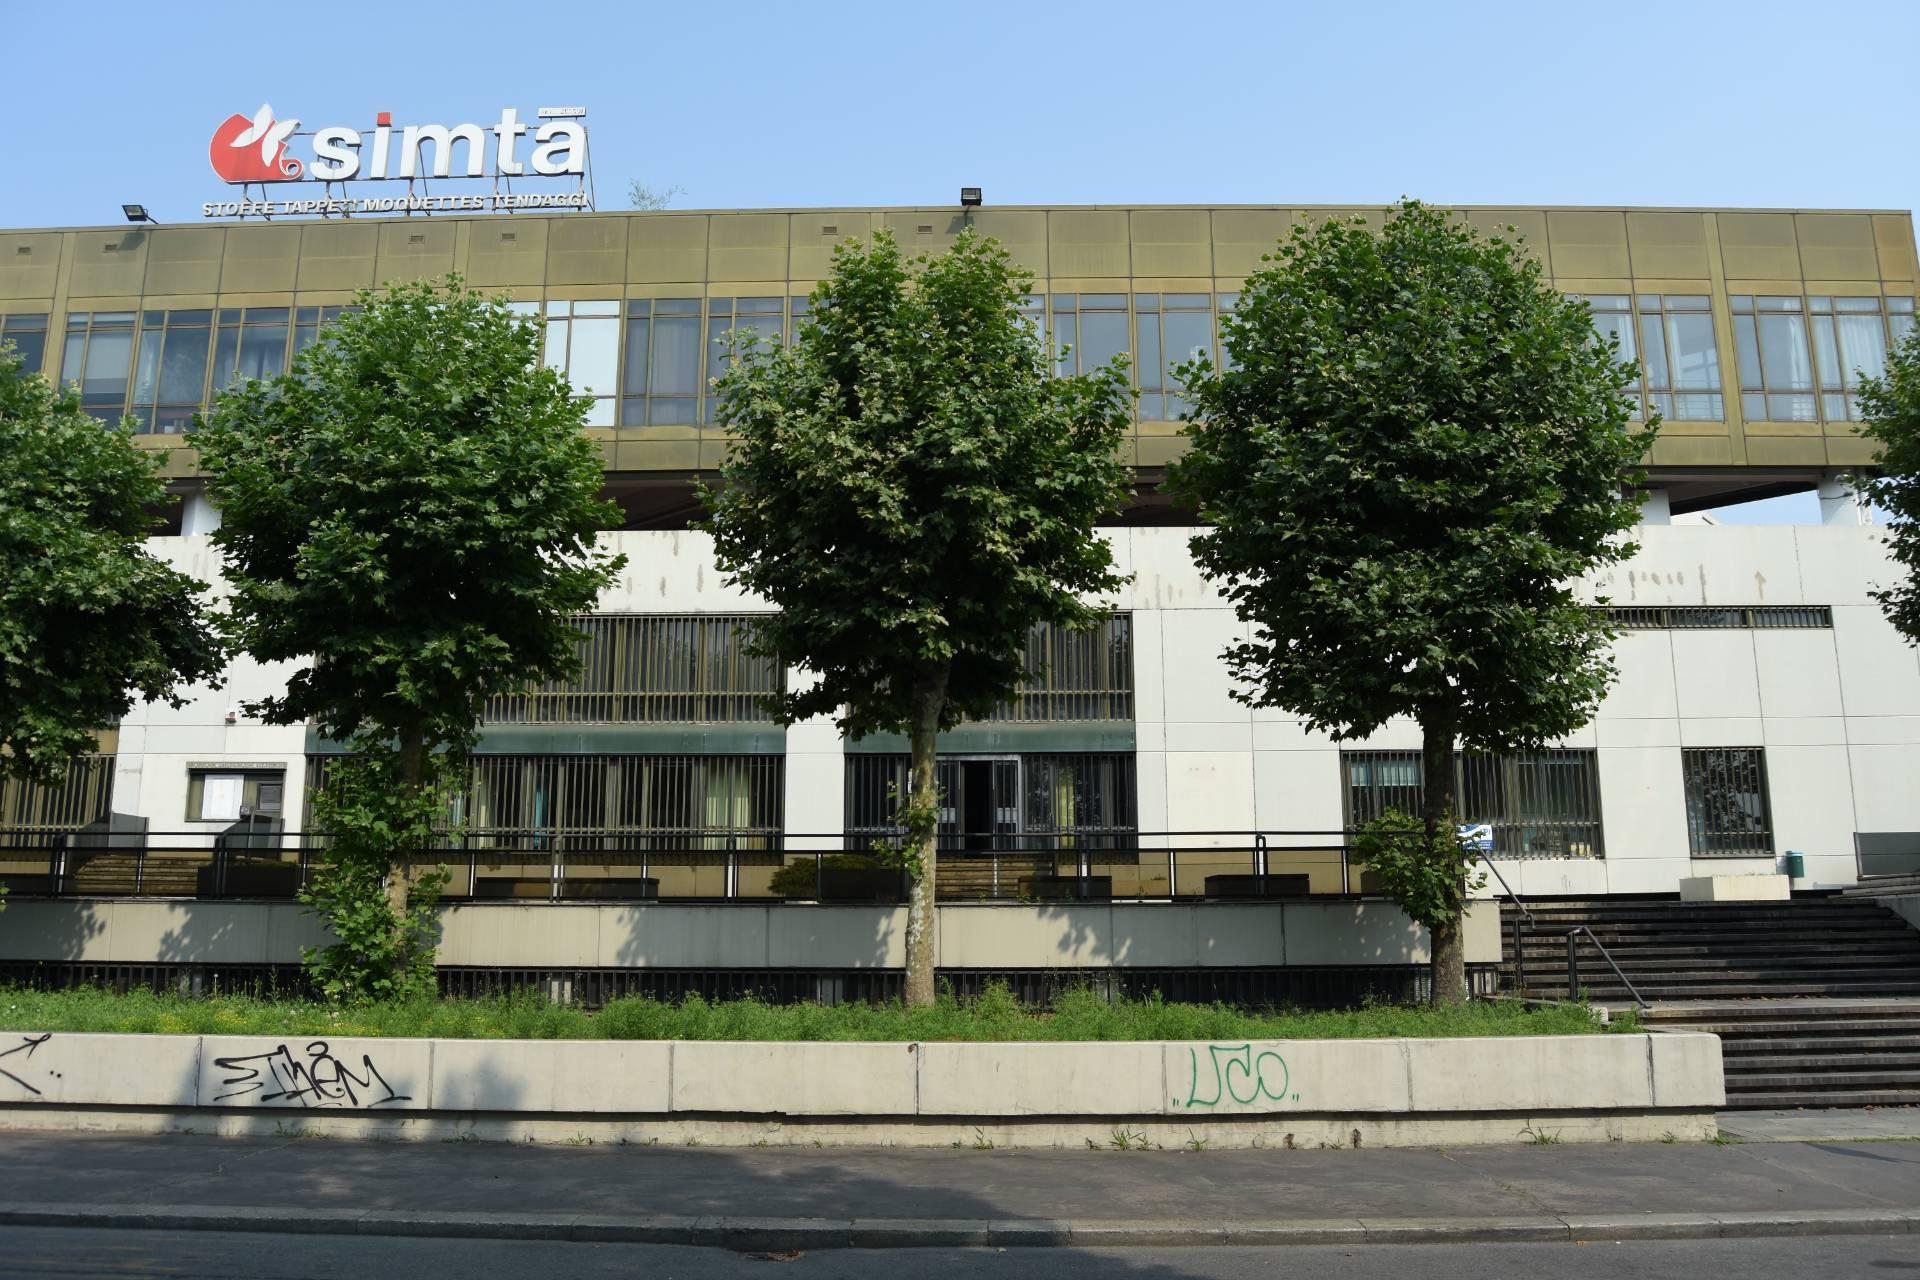 Ufficio-studio in Vendita a Torino: 5 locali, 1622 mq